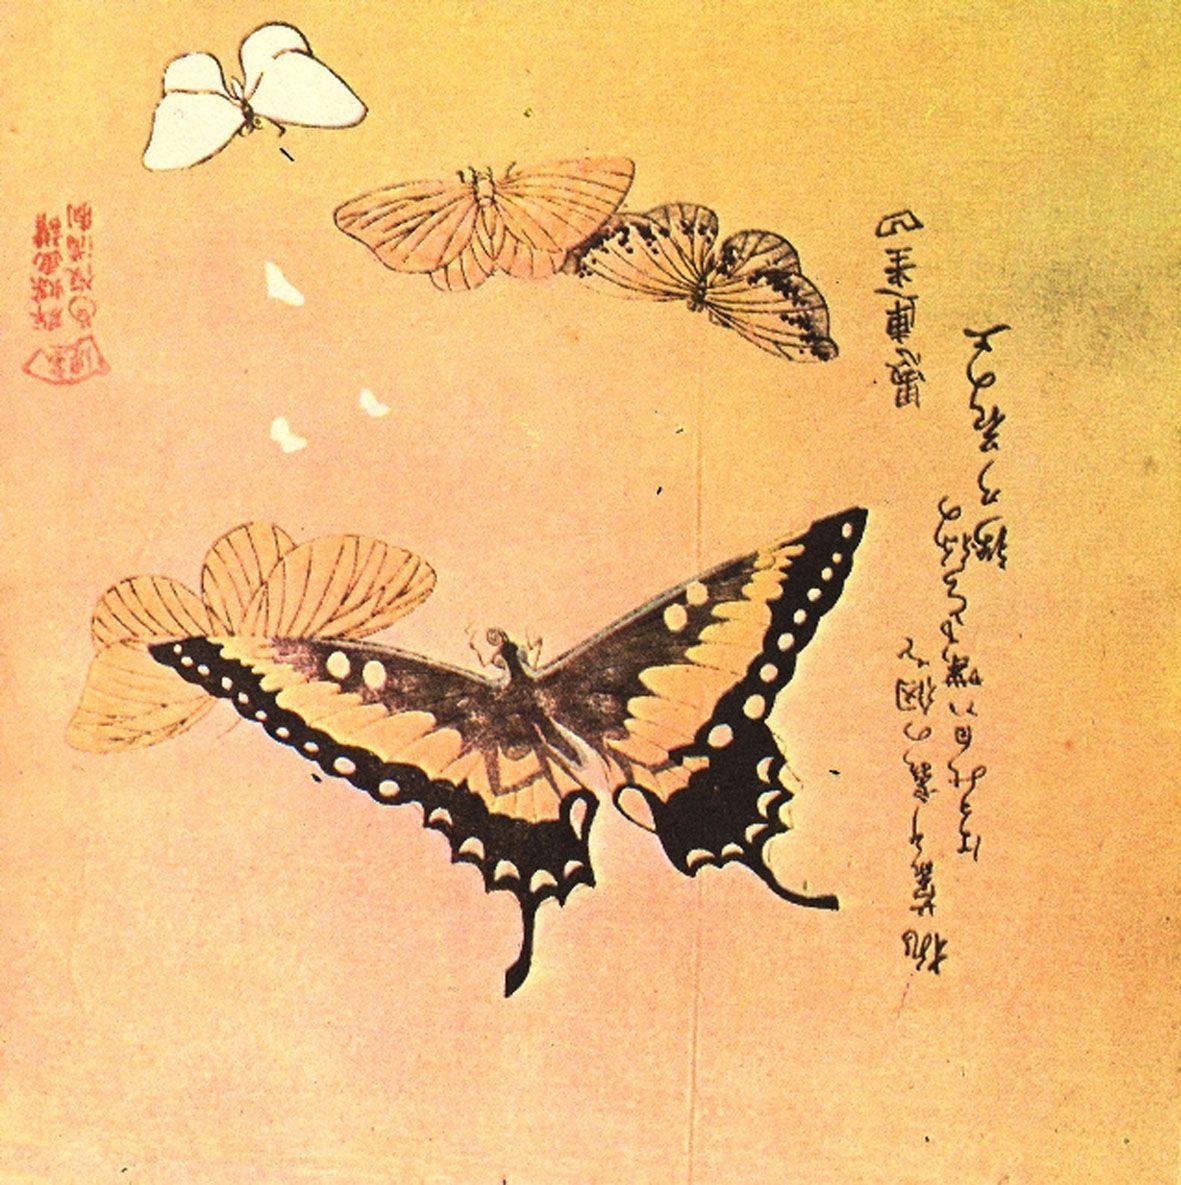 картинки японских картин стихи хокку практическая эскадра якоре